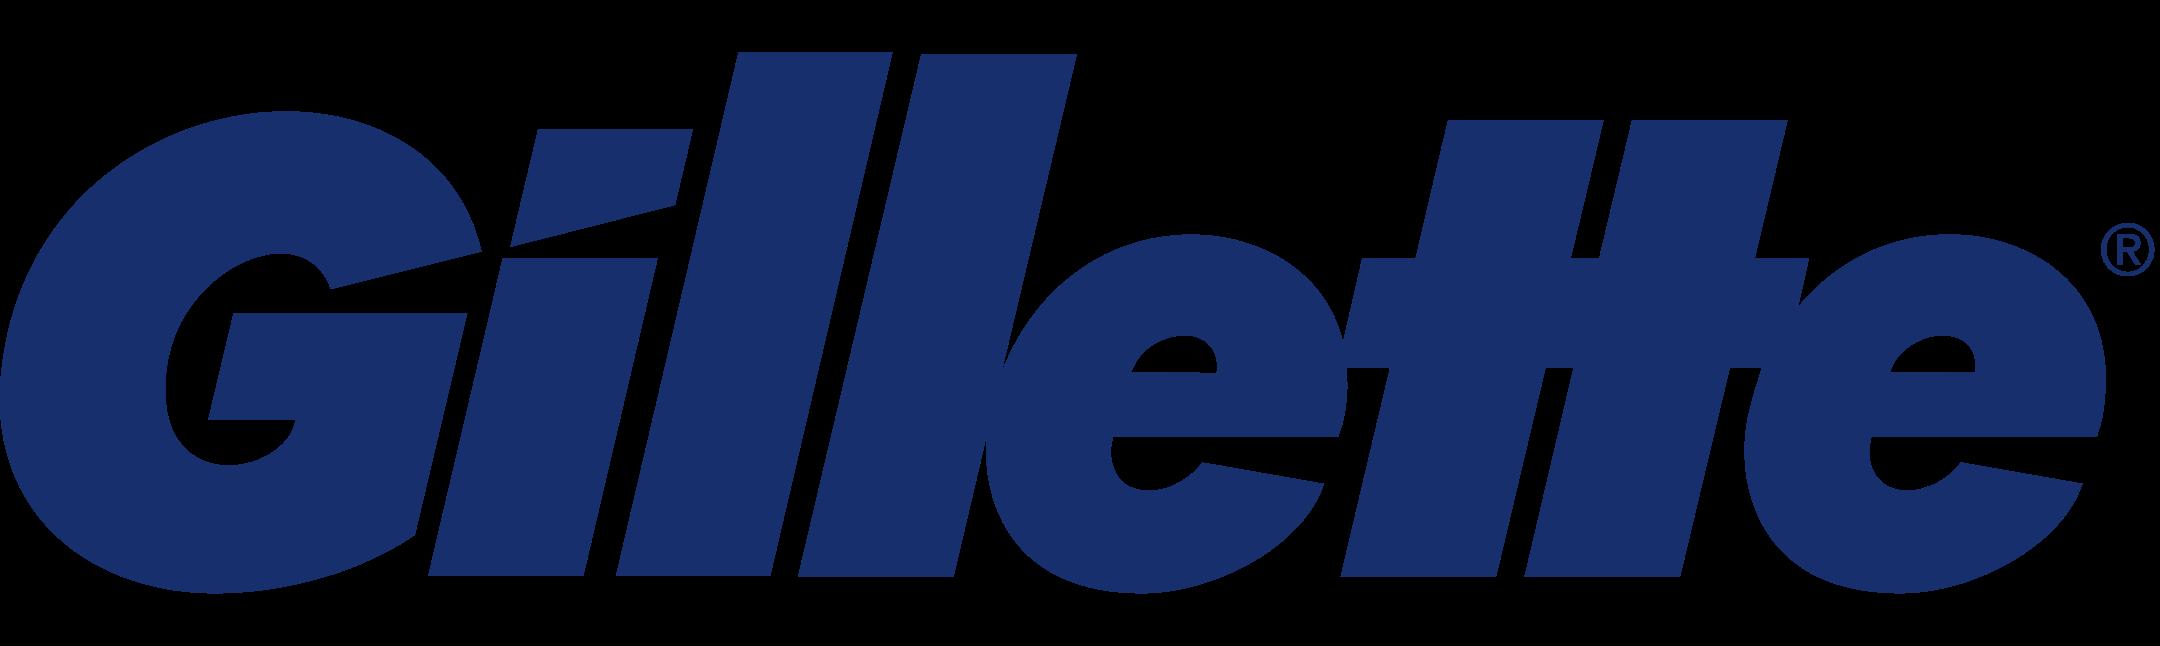 gillette logo 1 1 - Gillette Logo